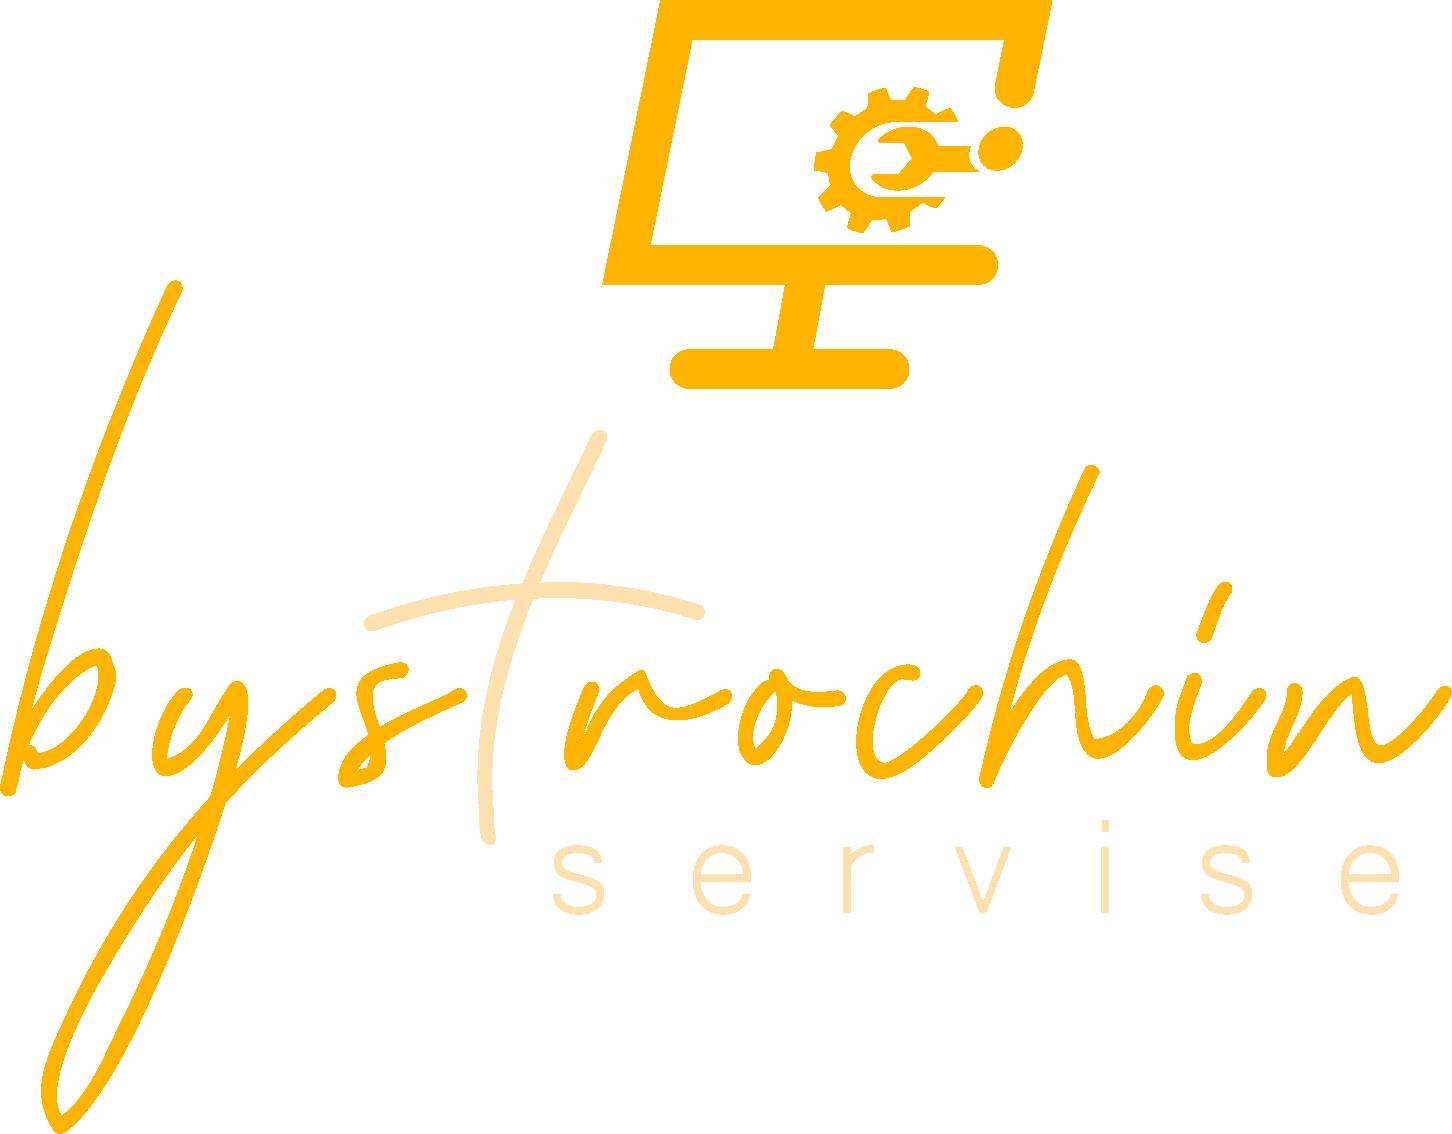 BYSTROCHIN